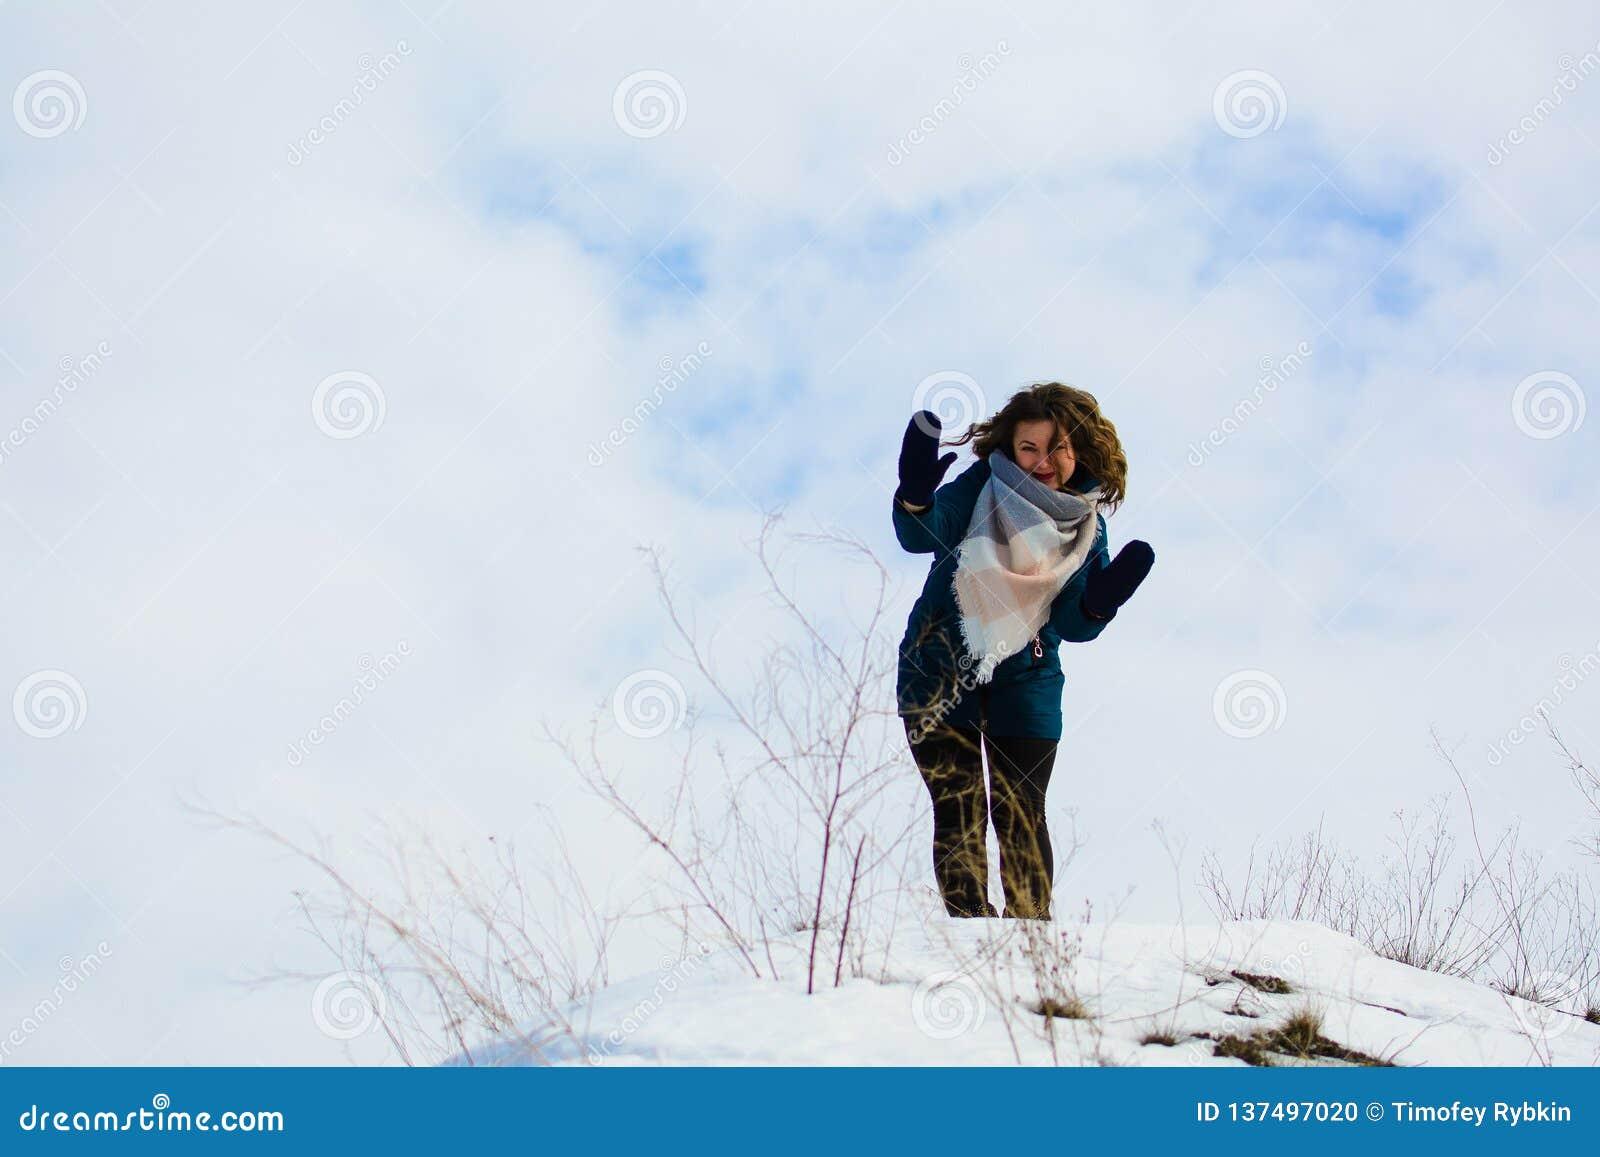 Κορίτσι στις χειμερινές στάσεις σε έναν λόφο με τα χέρια του επάνω έννοια της ελευθερίας ή της νίκης